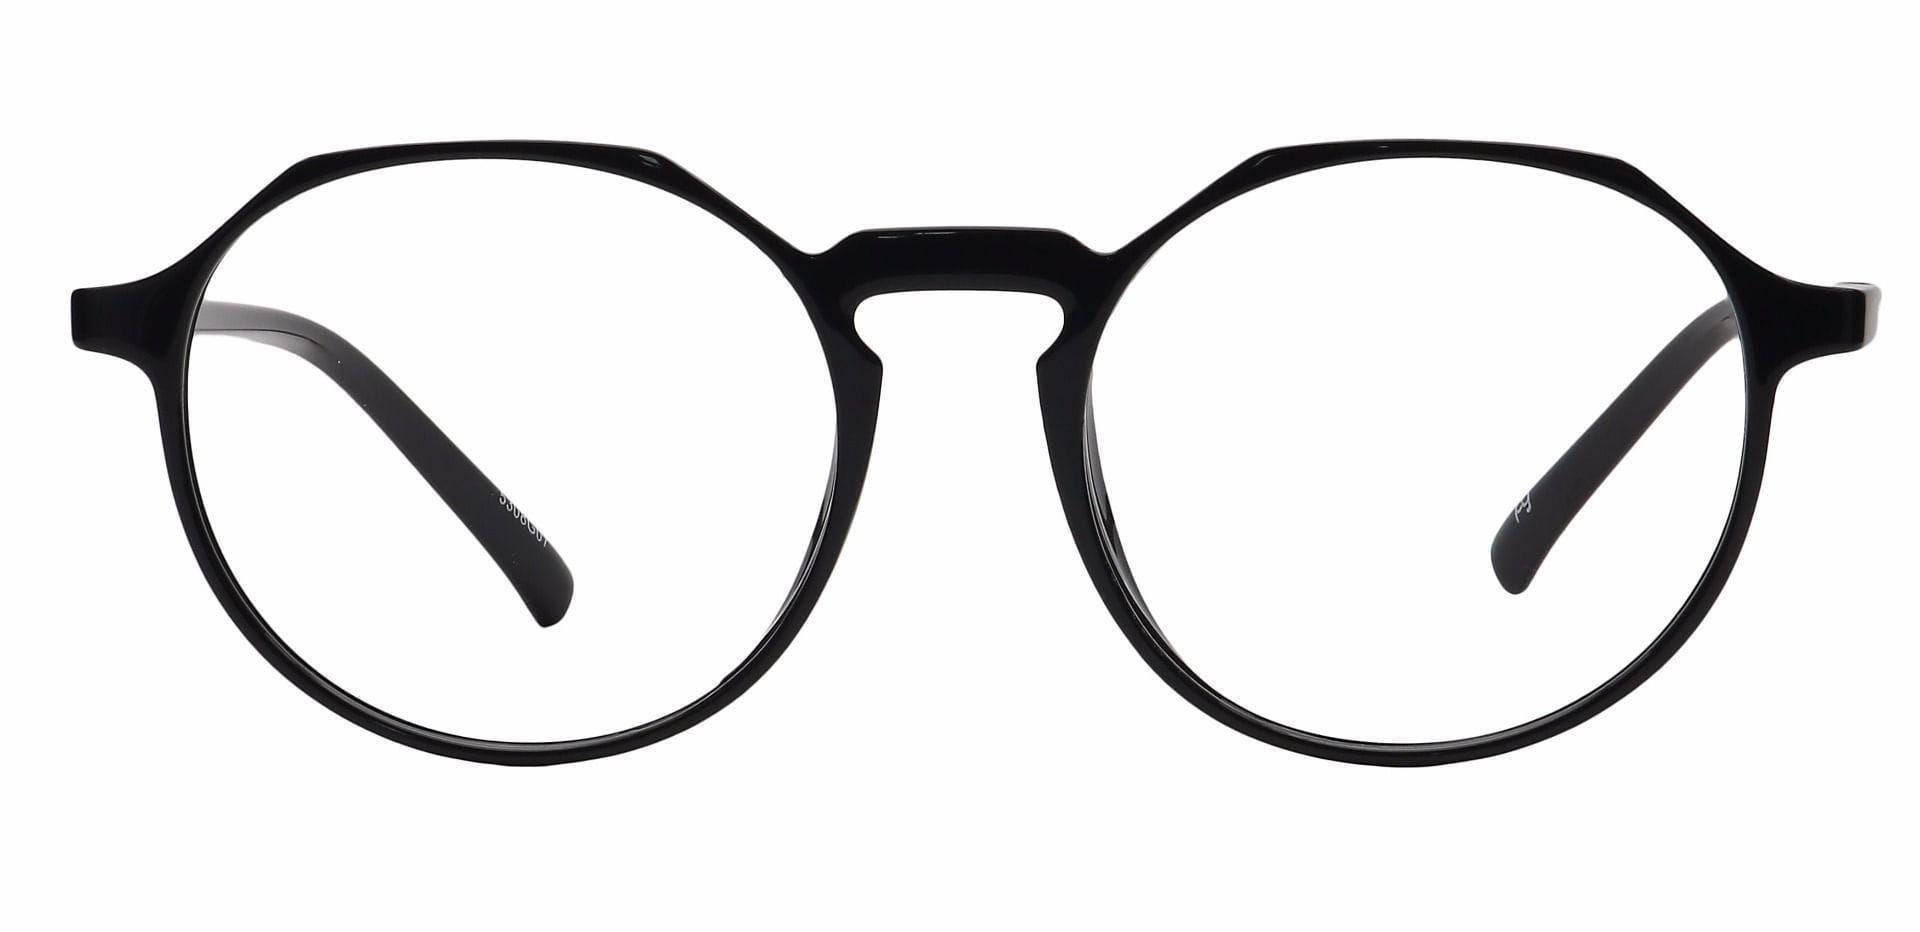 Dash Oval Lined Bifocal Glasses - Black